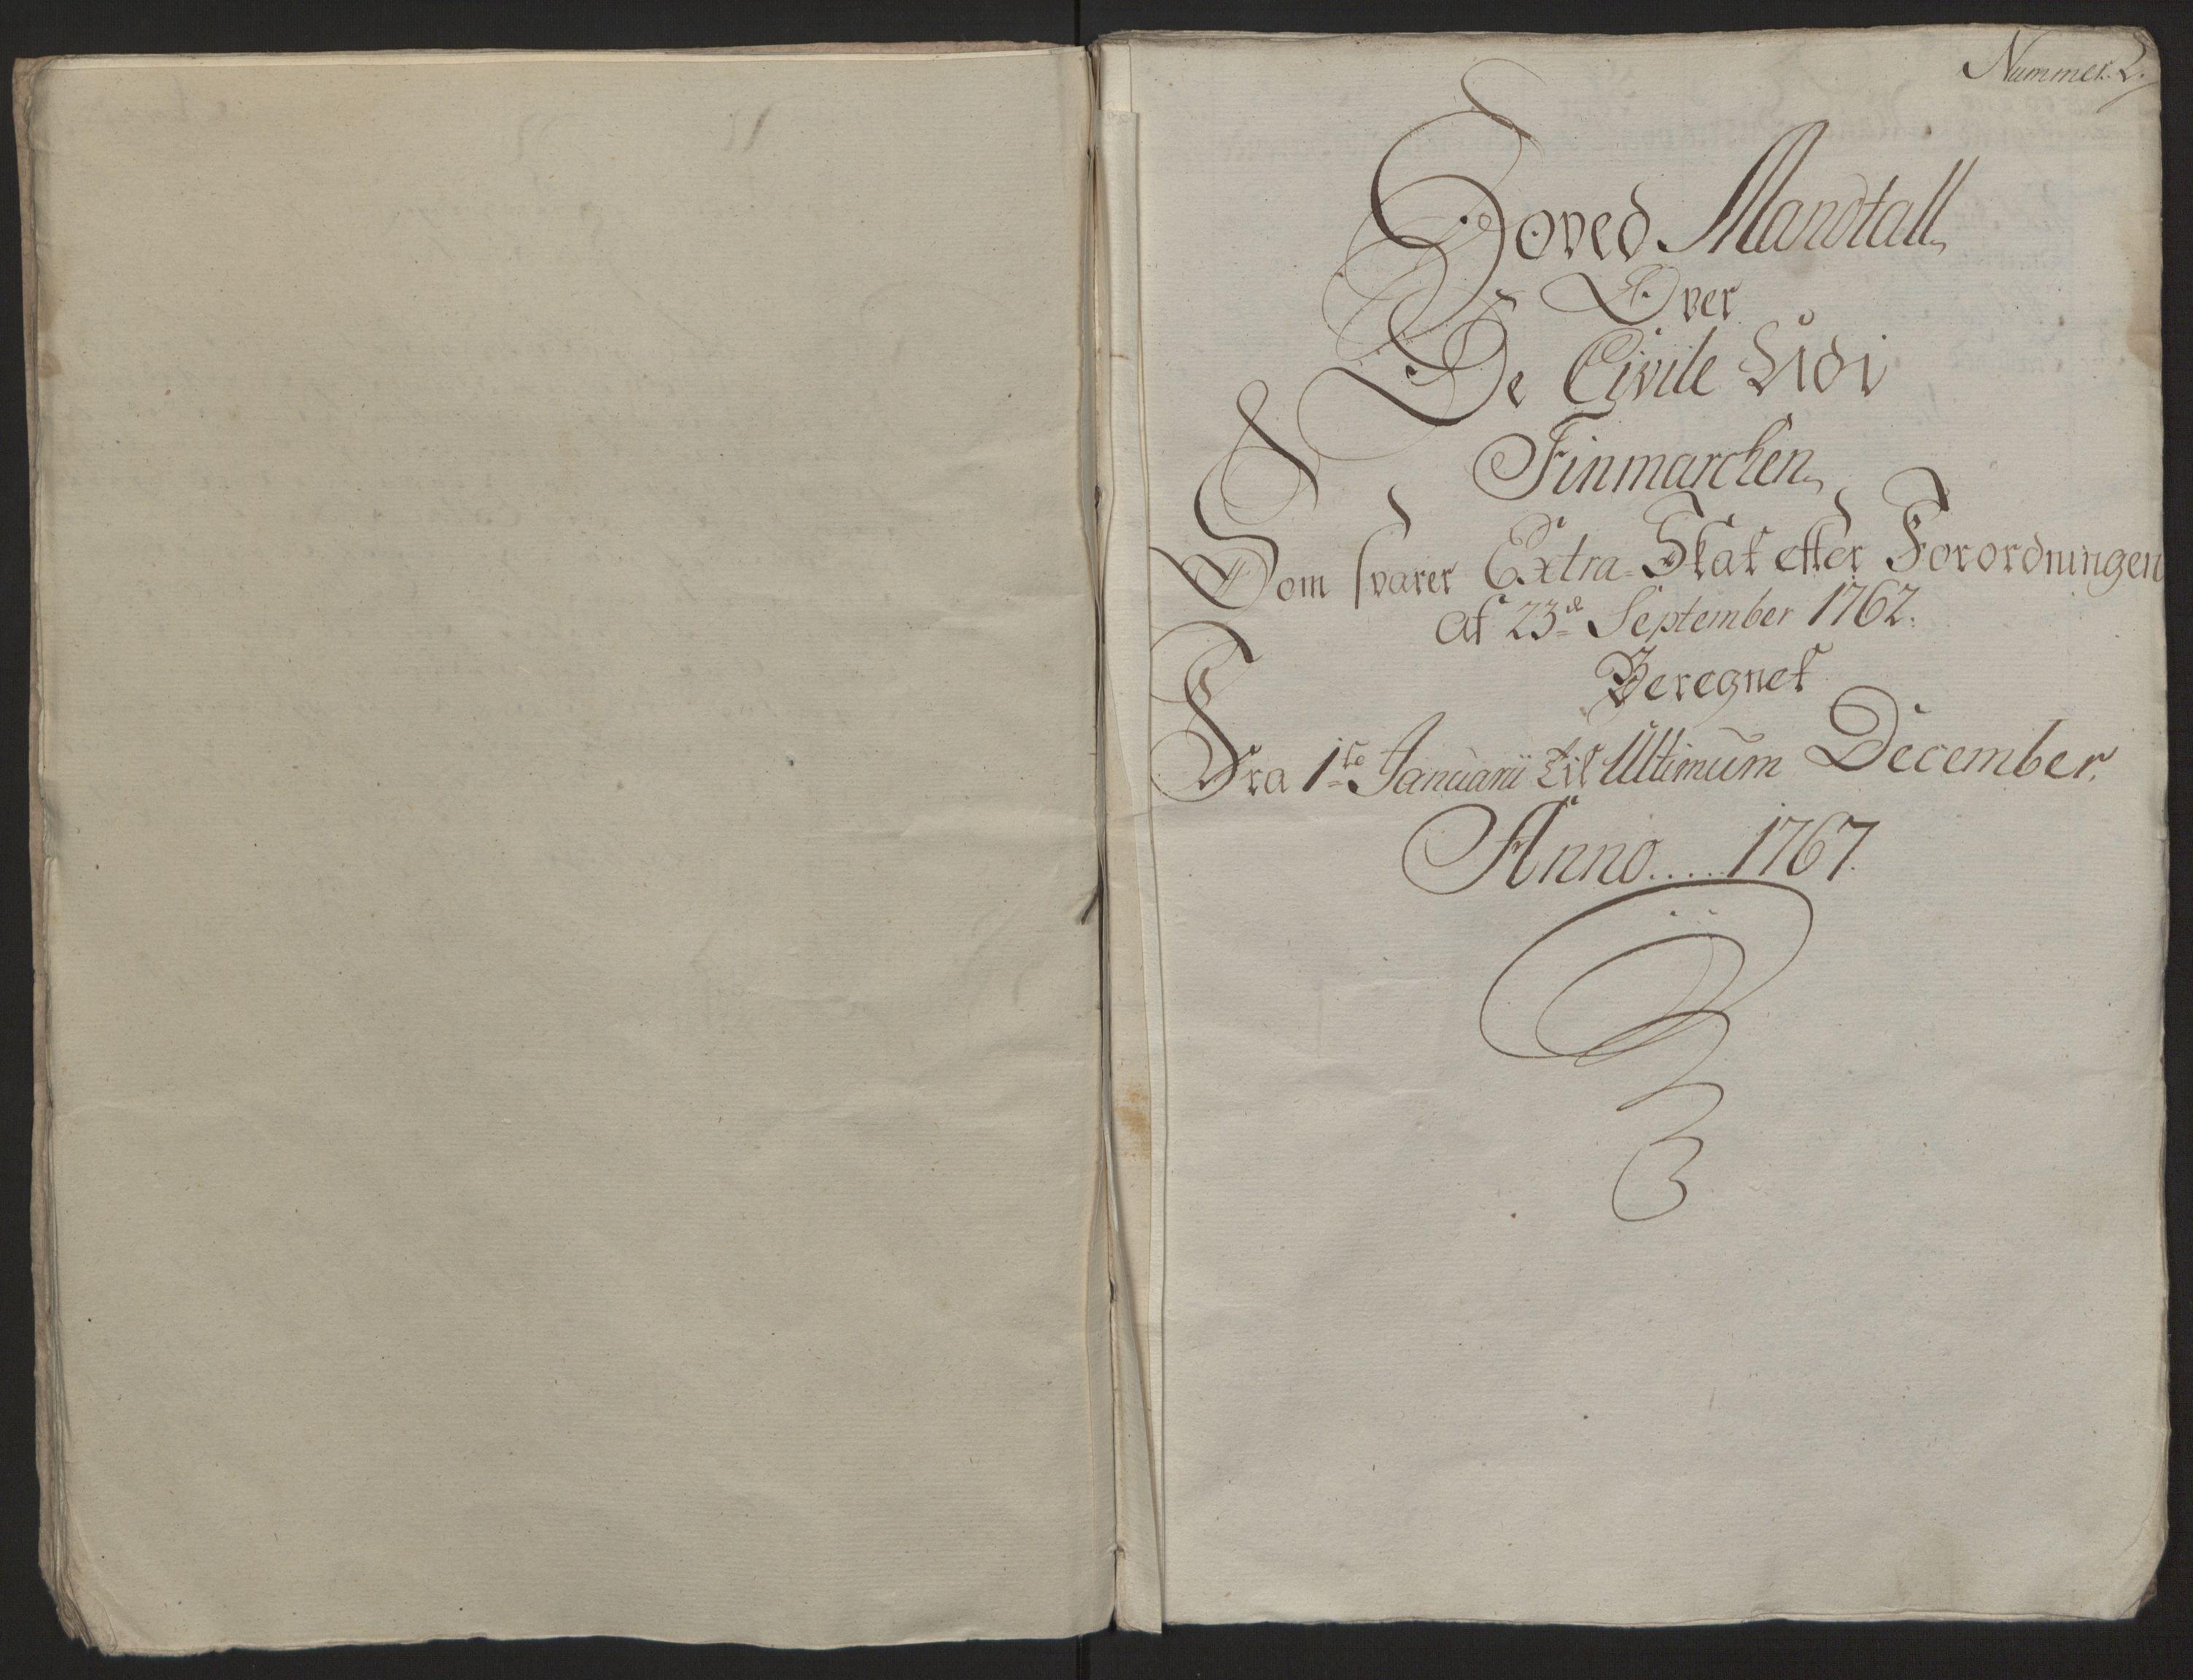 RA, Rentekammeret inntil 1814, Reviderte regnskaper, Fogderegnskap, R69/L4910: Ekstraskatten  Finnmark/Vardøhus, 1762-1772, s. 222